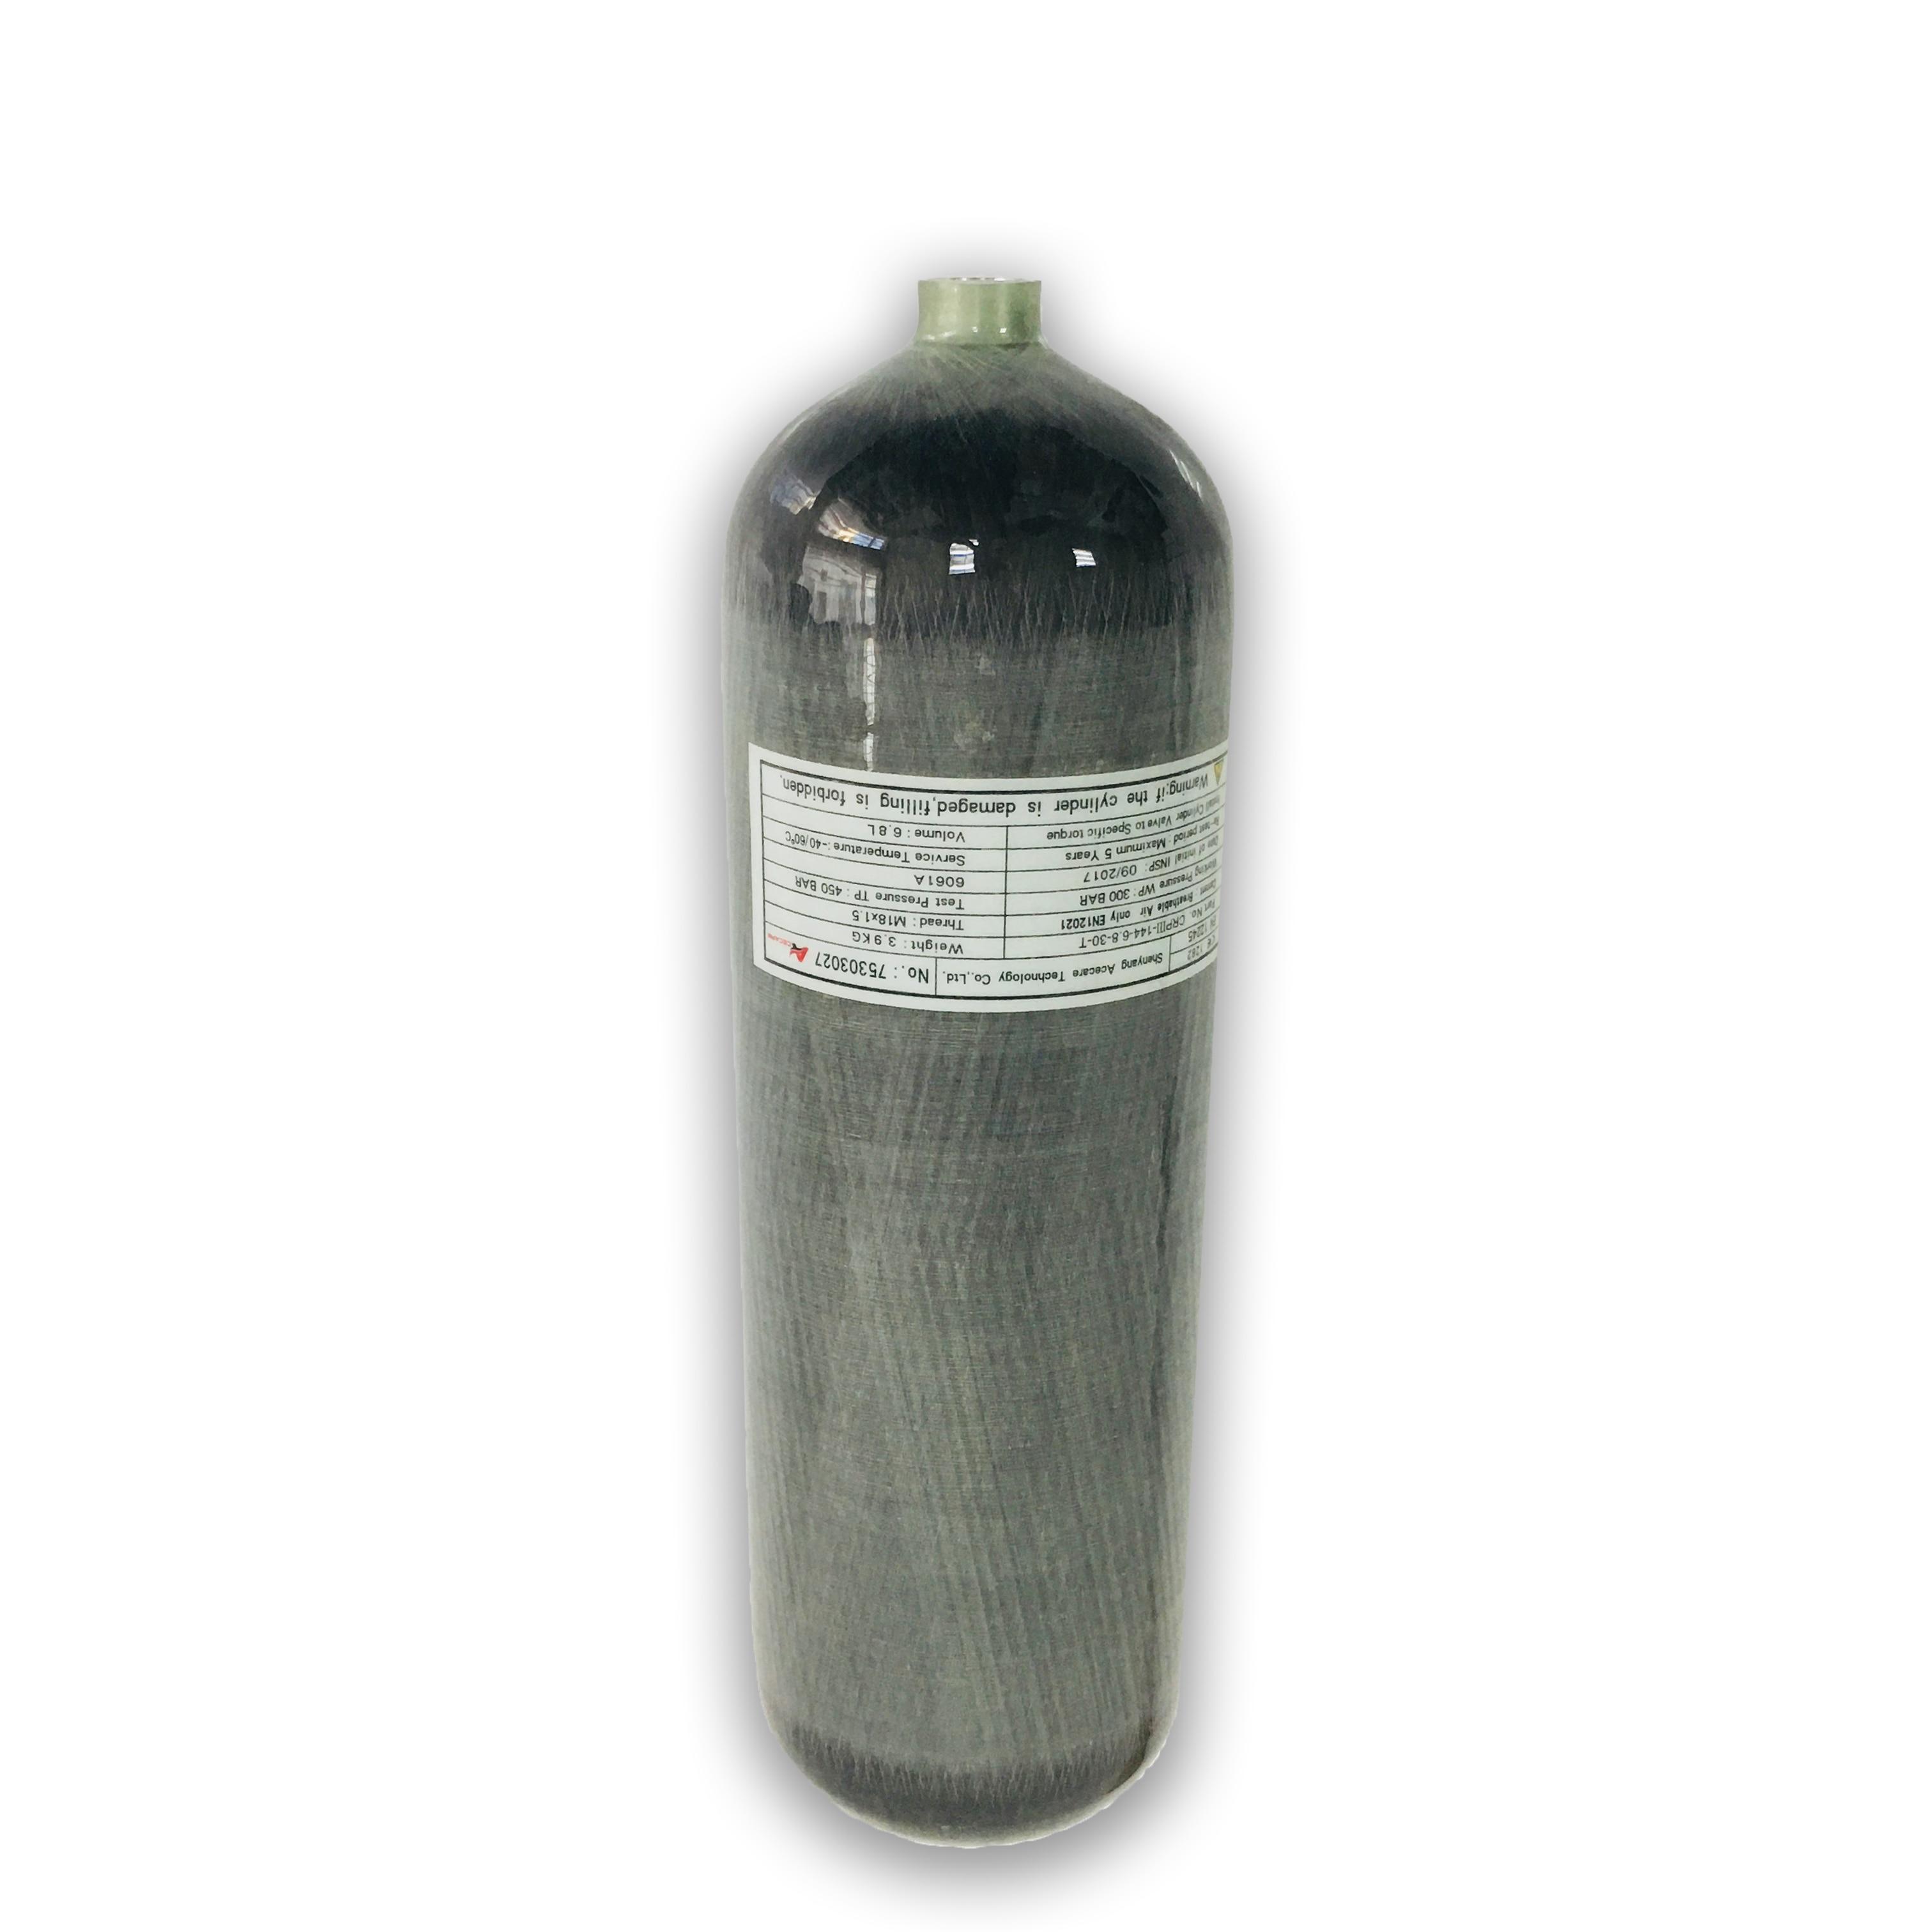 AC168 Acecare Pcp Air Tank Paintball Tank Scuba Pcp/Diving Tank 4500psi Air Airforce Condor Carbon Fiber Cylinder Air Rifle Pcp